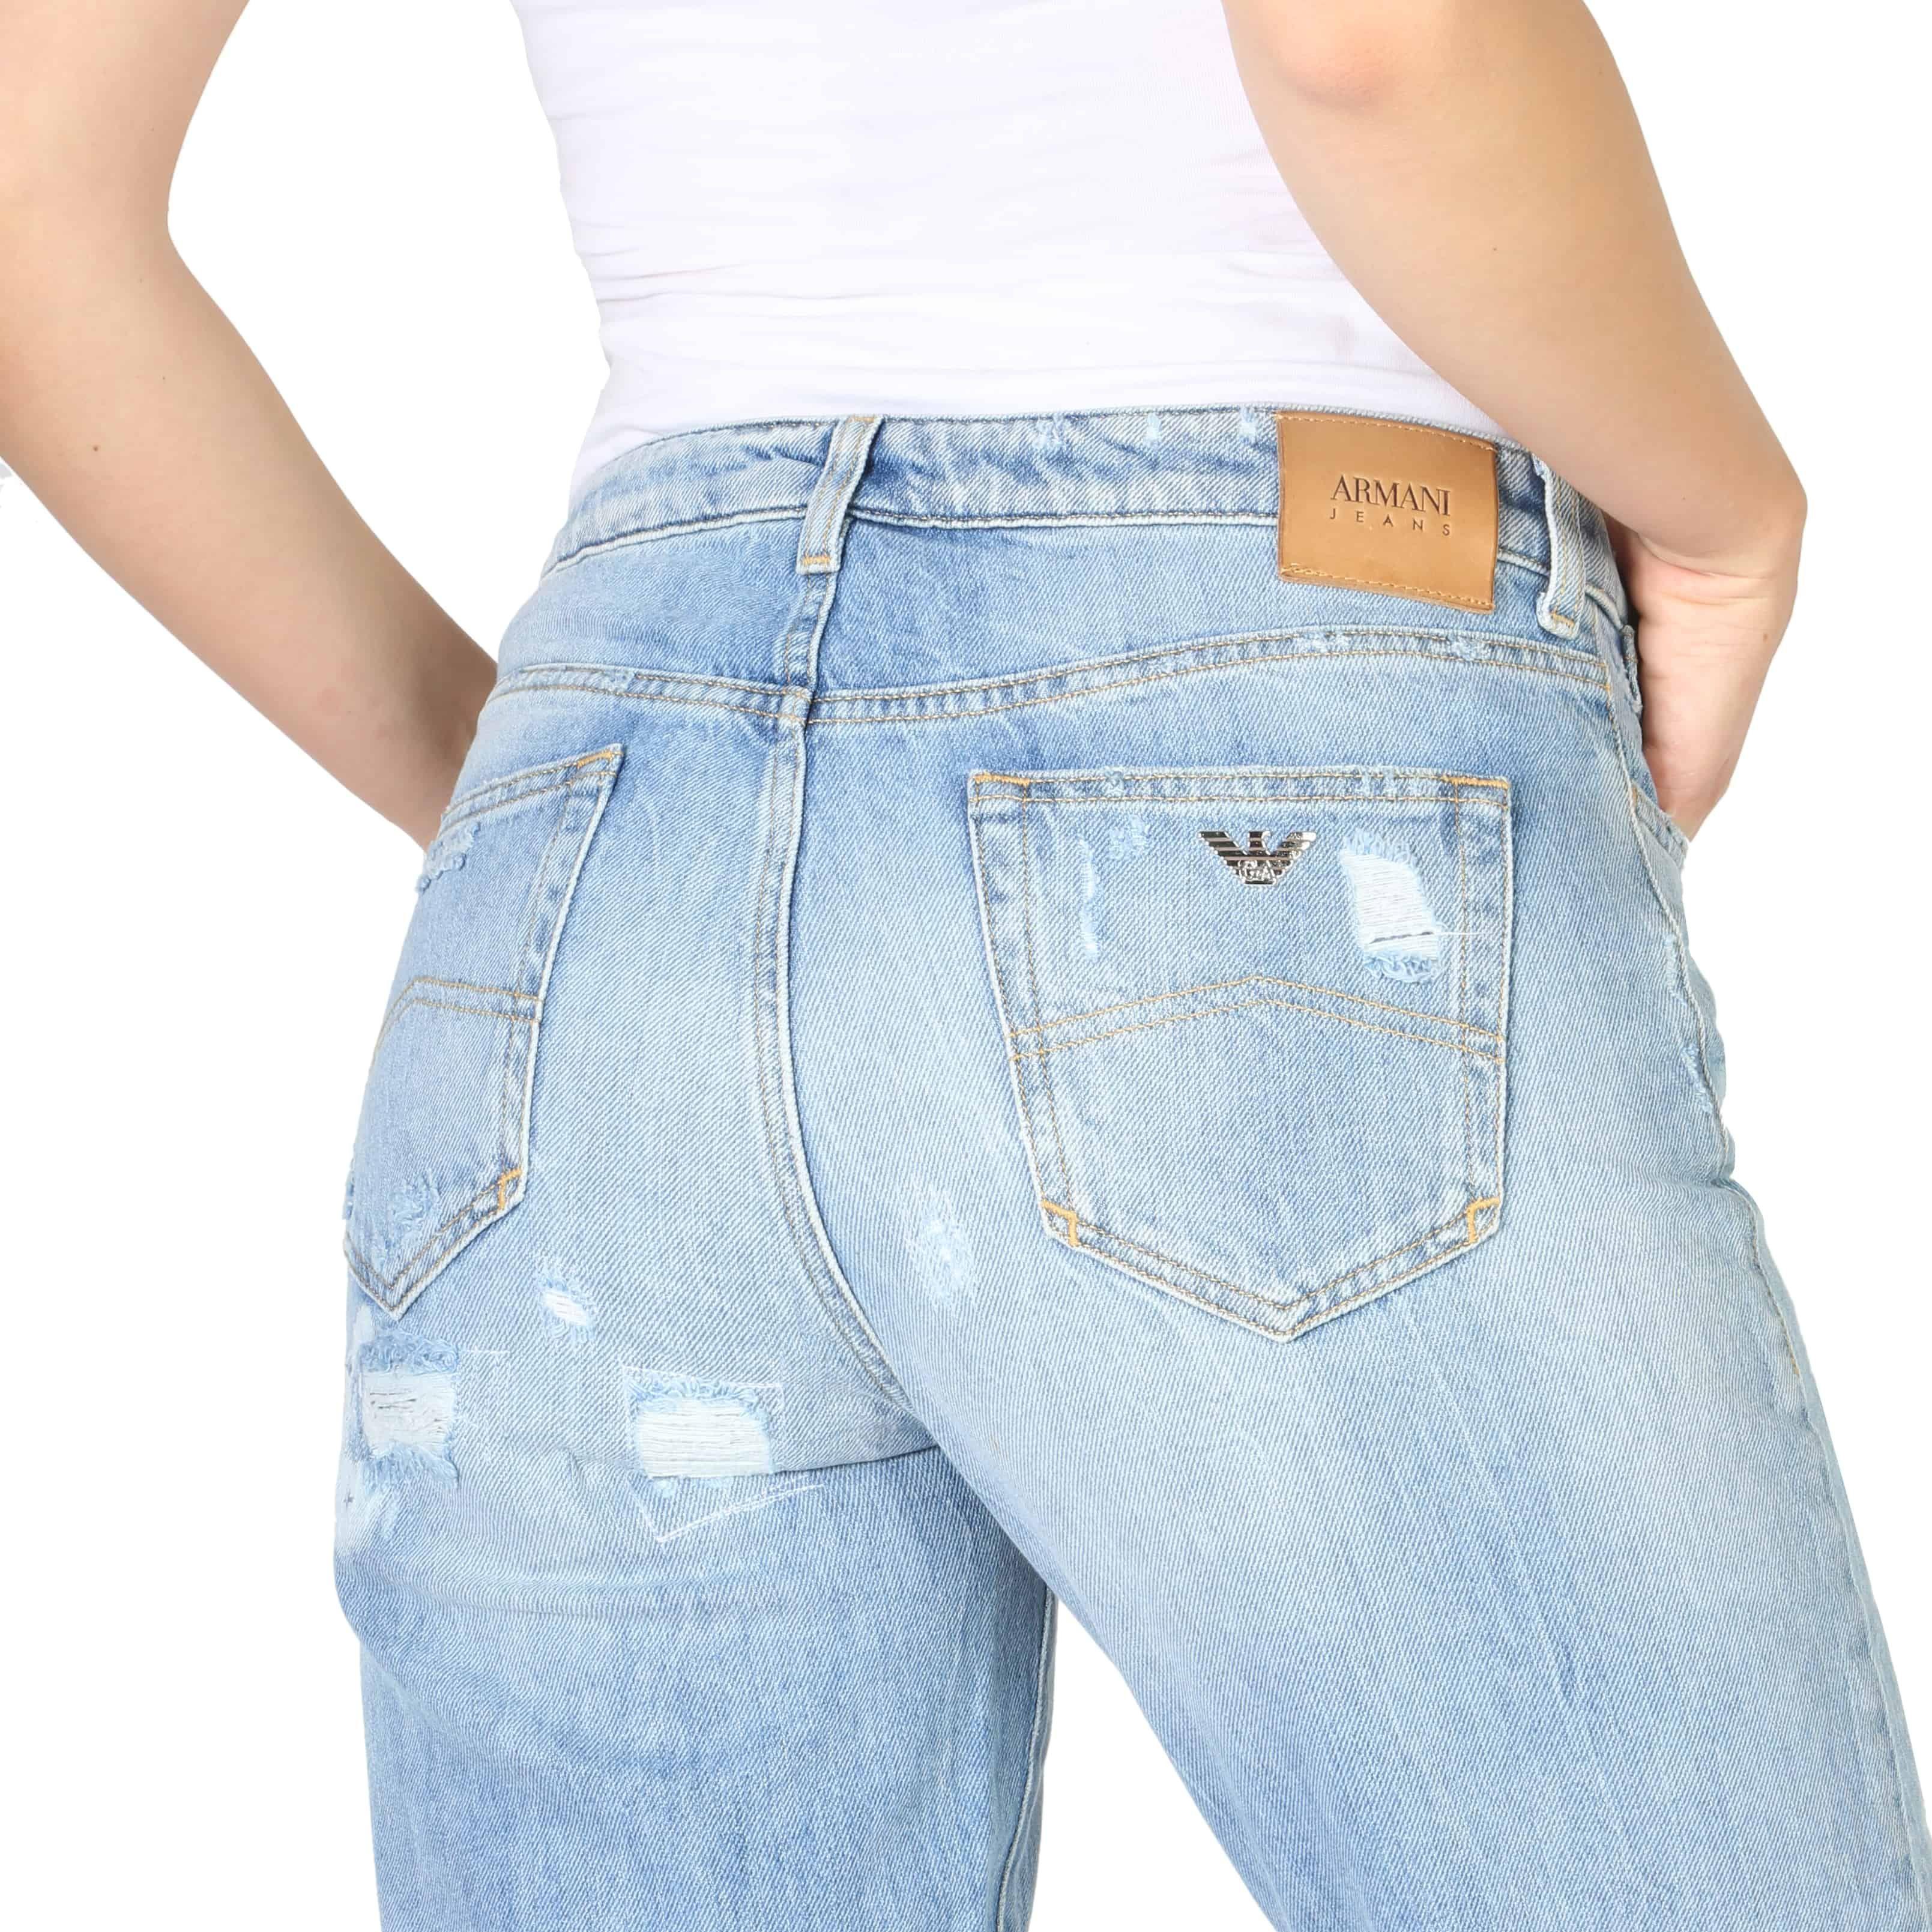 01Ada3A0 A0D0 11Ea A5Cb 814F3D3B558F Armani Jeans - 3Y5J12_5D1Az - Blue